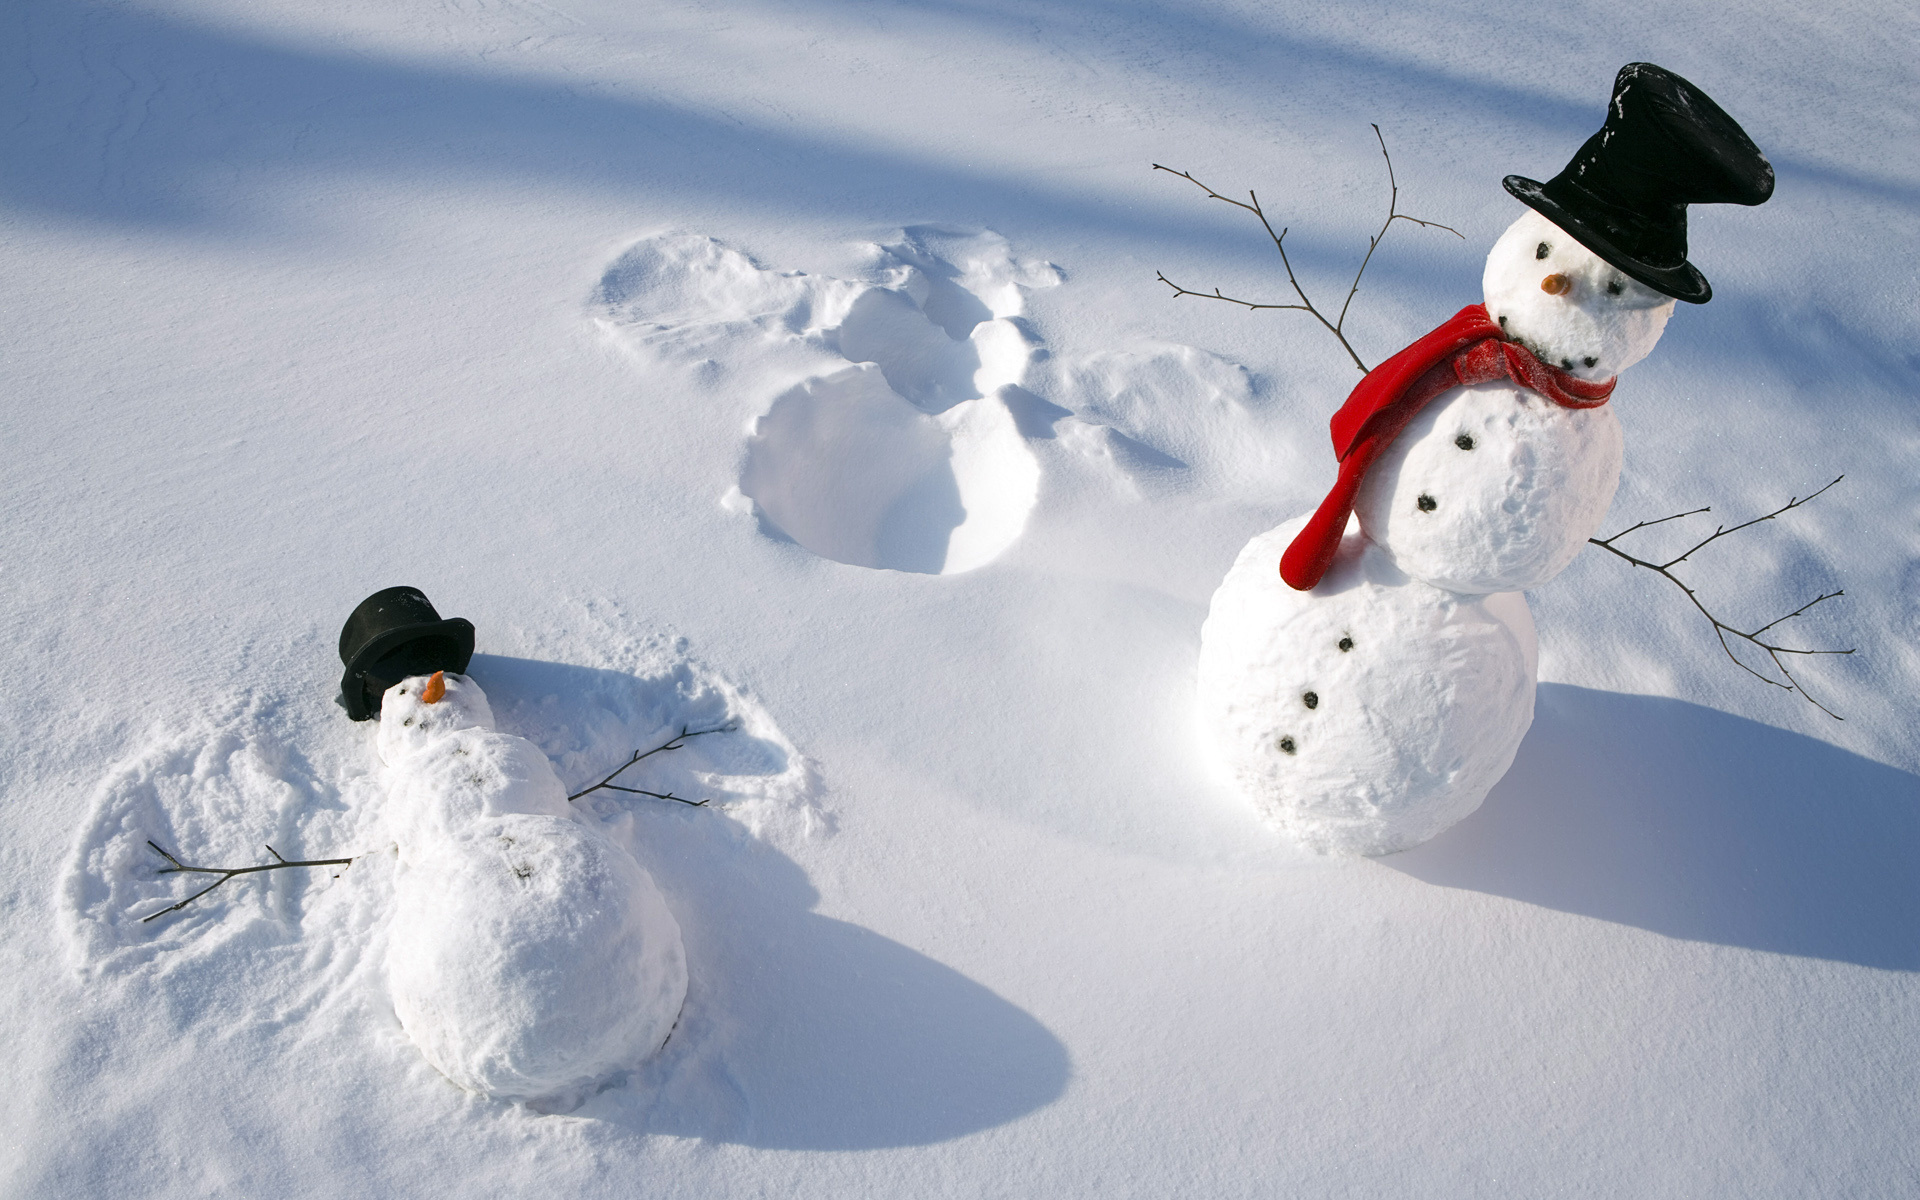 Прикольные картинки про снеговики